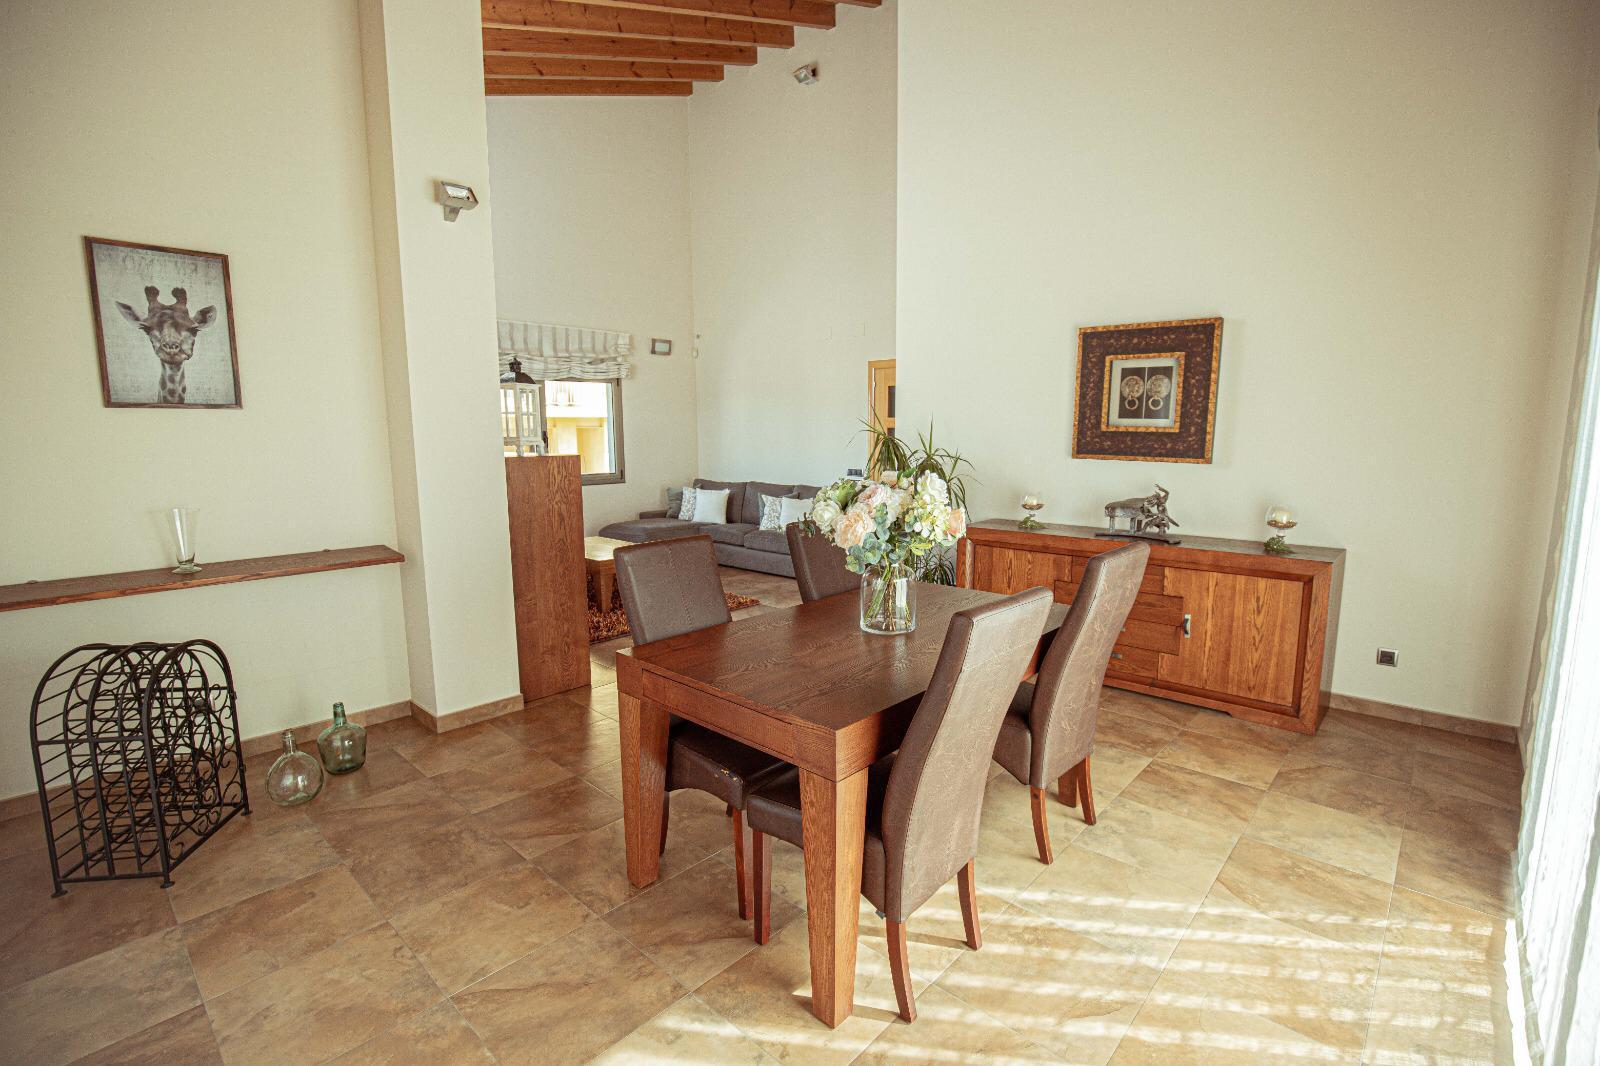 Imagen 3 Casa en venta en Santa Eulàlia De Ronçana / Santa Eulalia de Ronçana- Urb can Marques-408 m2